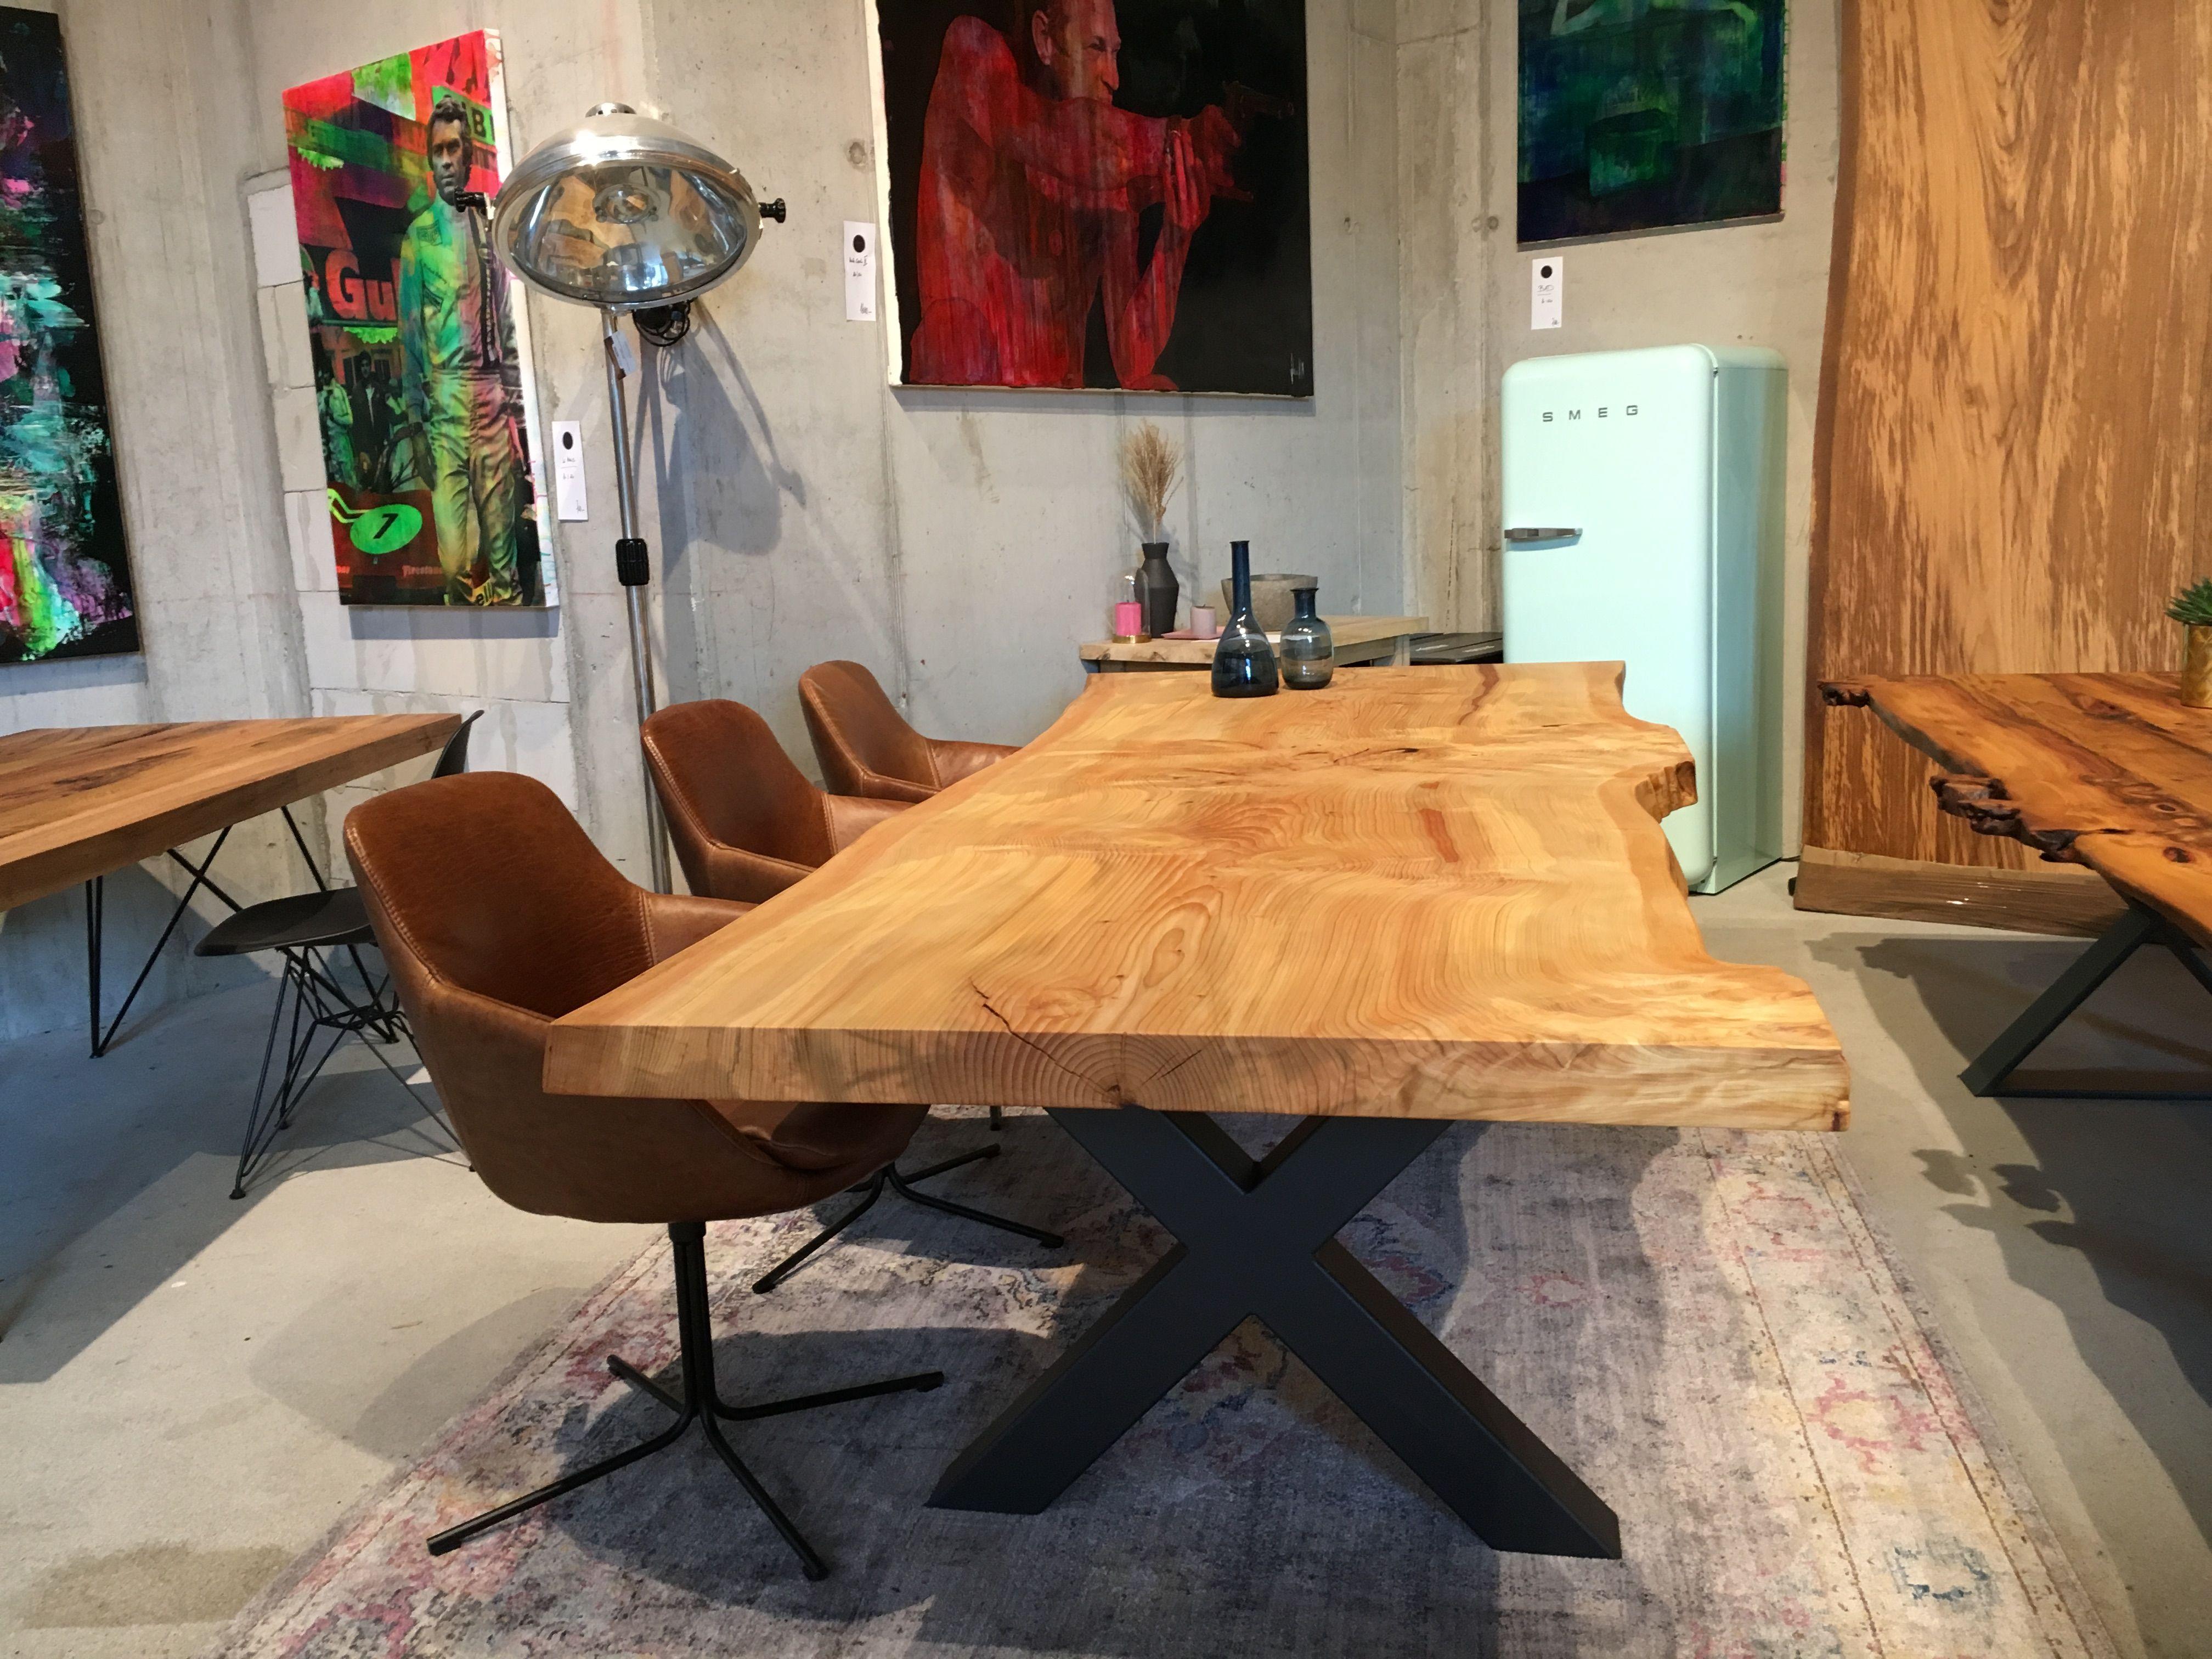 Baumtisch Tisch Aus Einem Stck Stammtisch Baumplatte Table Holzwerk With Esstisch